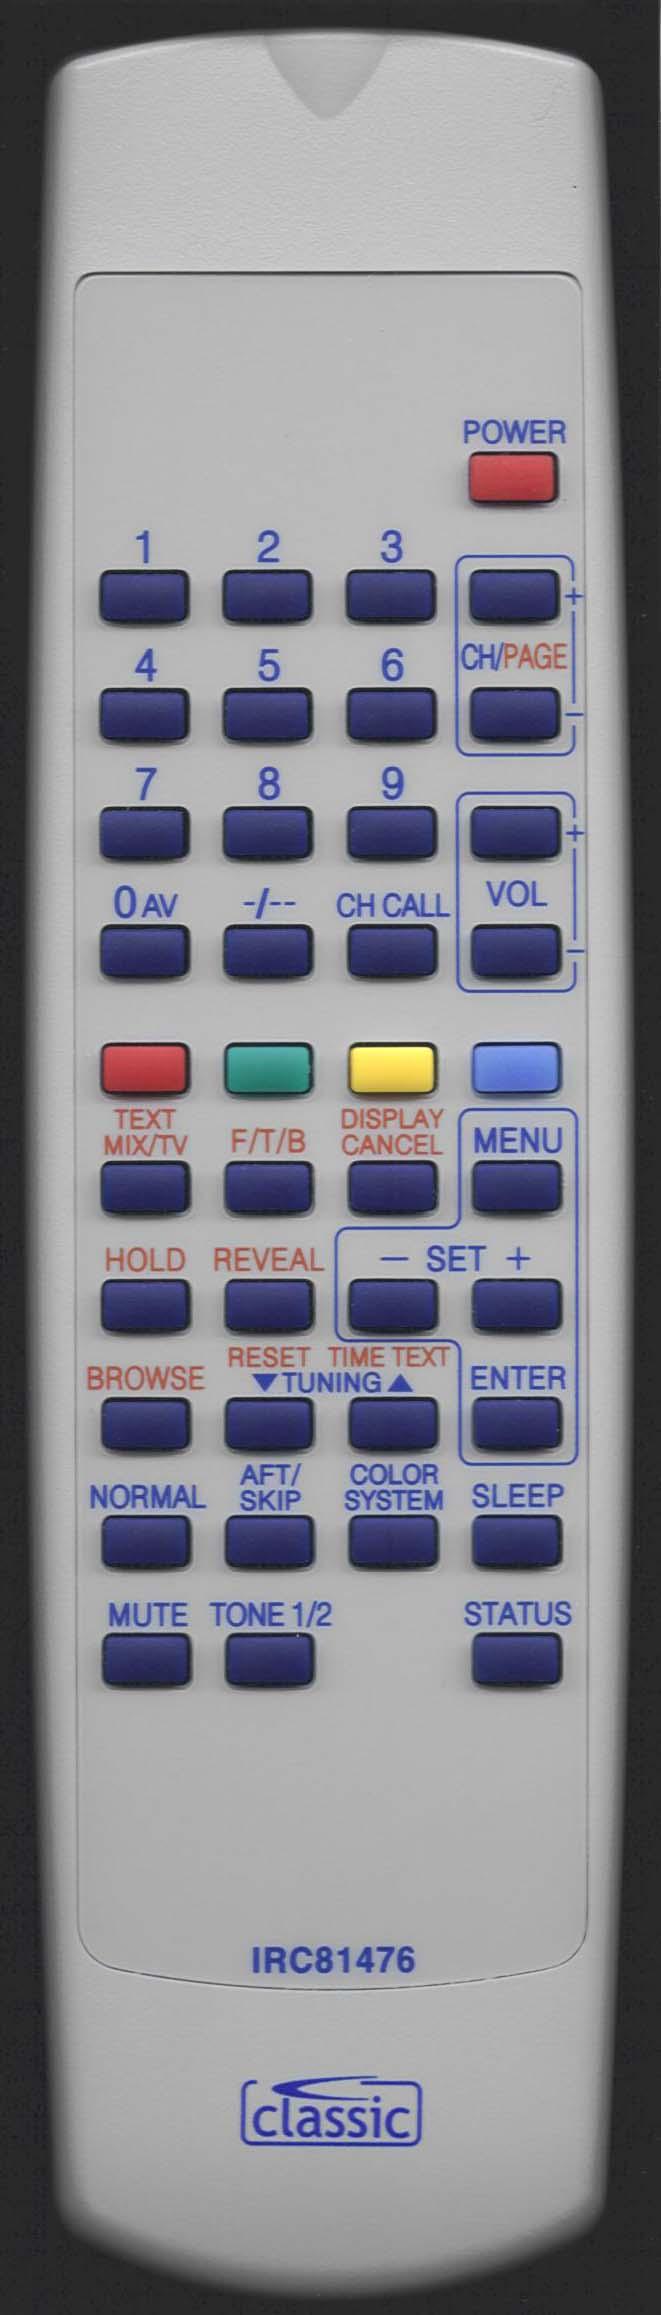 ORION 2150 TX Remote Control